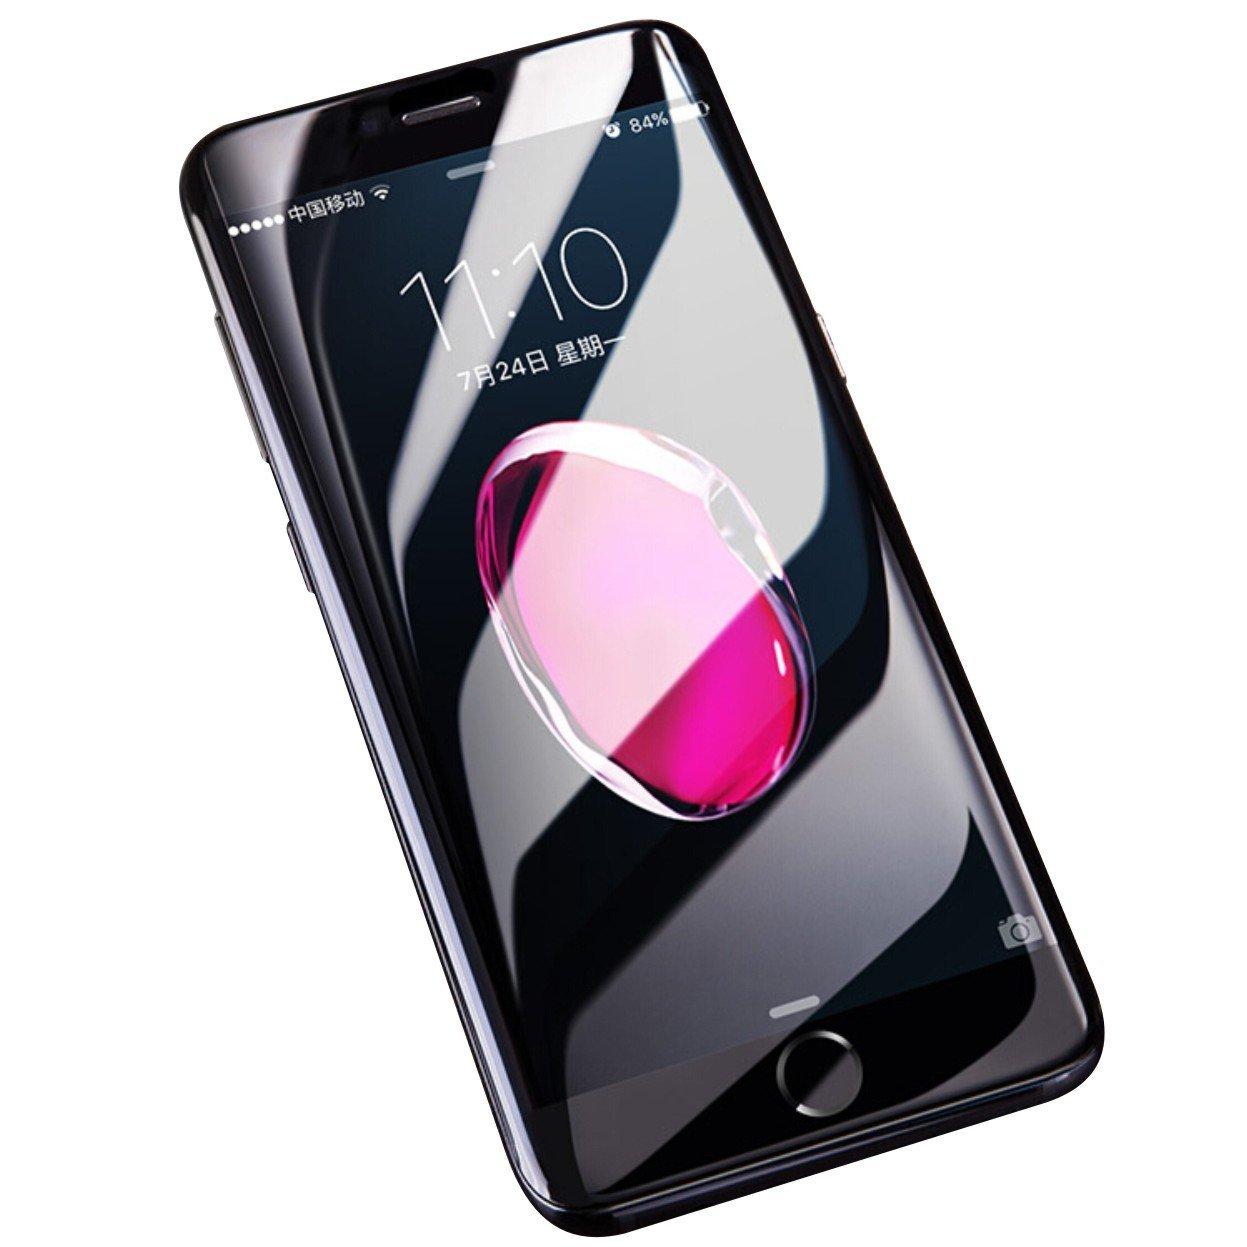 Tiya táo ở Ostia. Iphone6s thuỷ tinh công nghiệp phim táo 6S / táo 6 General 5D độ nét cao cả bao ph